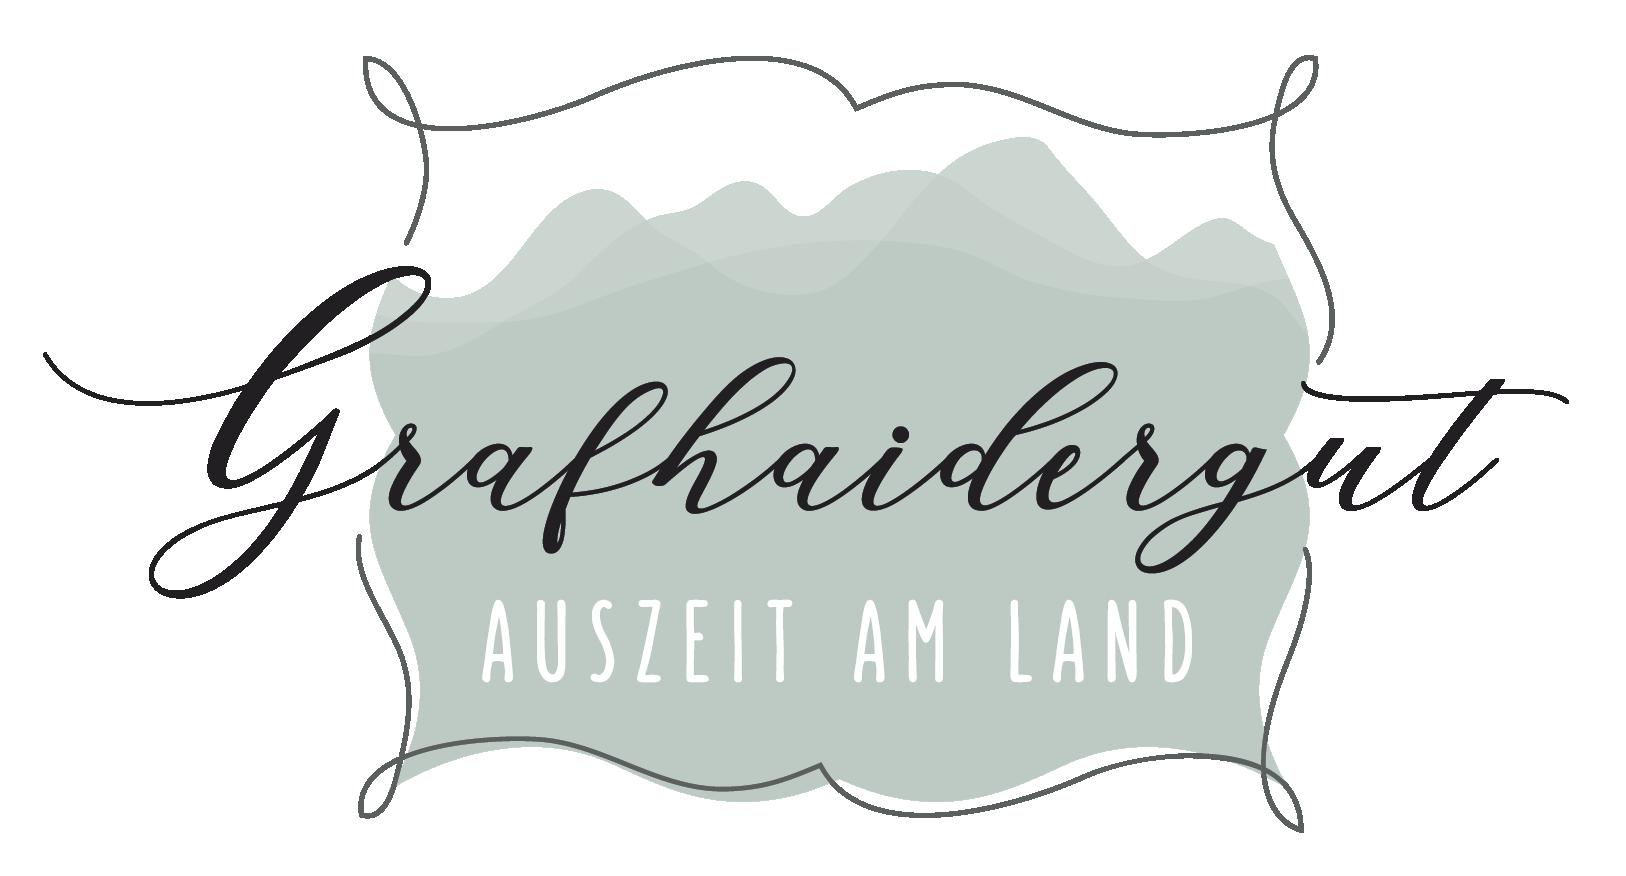 Grafhaidergut - Auszeit am Land in Wartberg an der Krems | Eingebettet in das wunderschöne Kremstal liegt unser attraktiver Vierkanthof mit angrenzendem Presshaus. Die Atmosphäre lädt zum verweilen und abschalten ein!